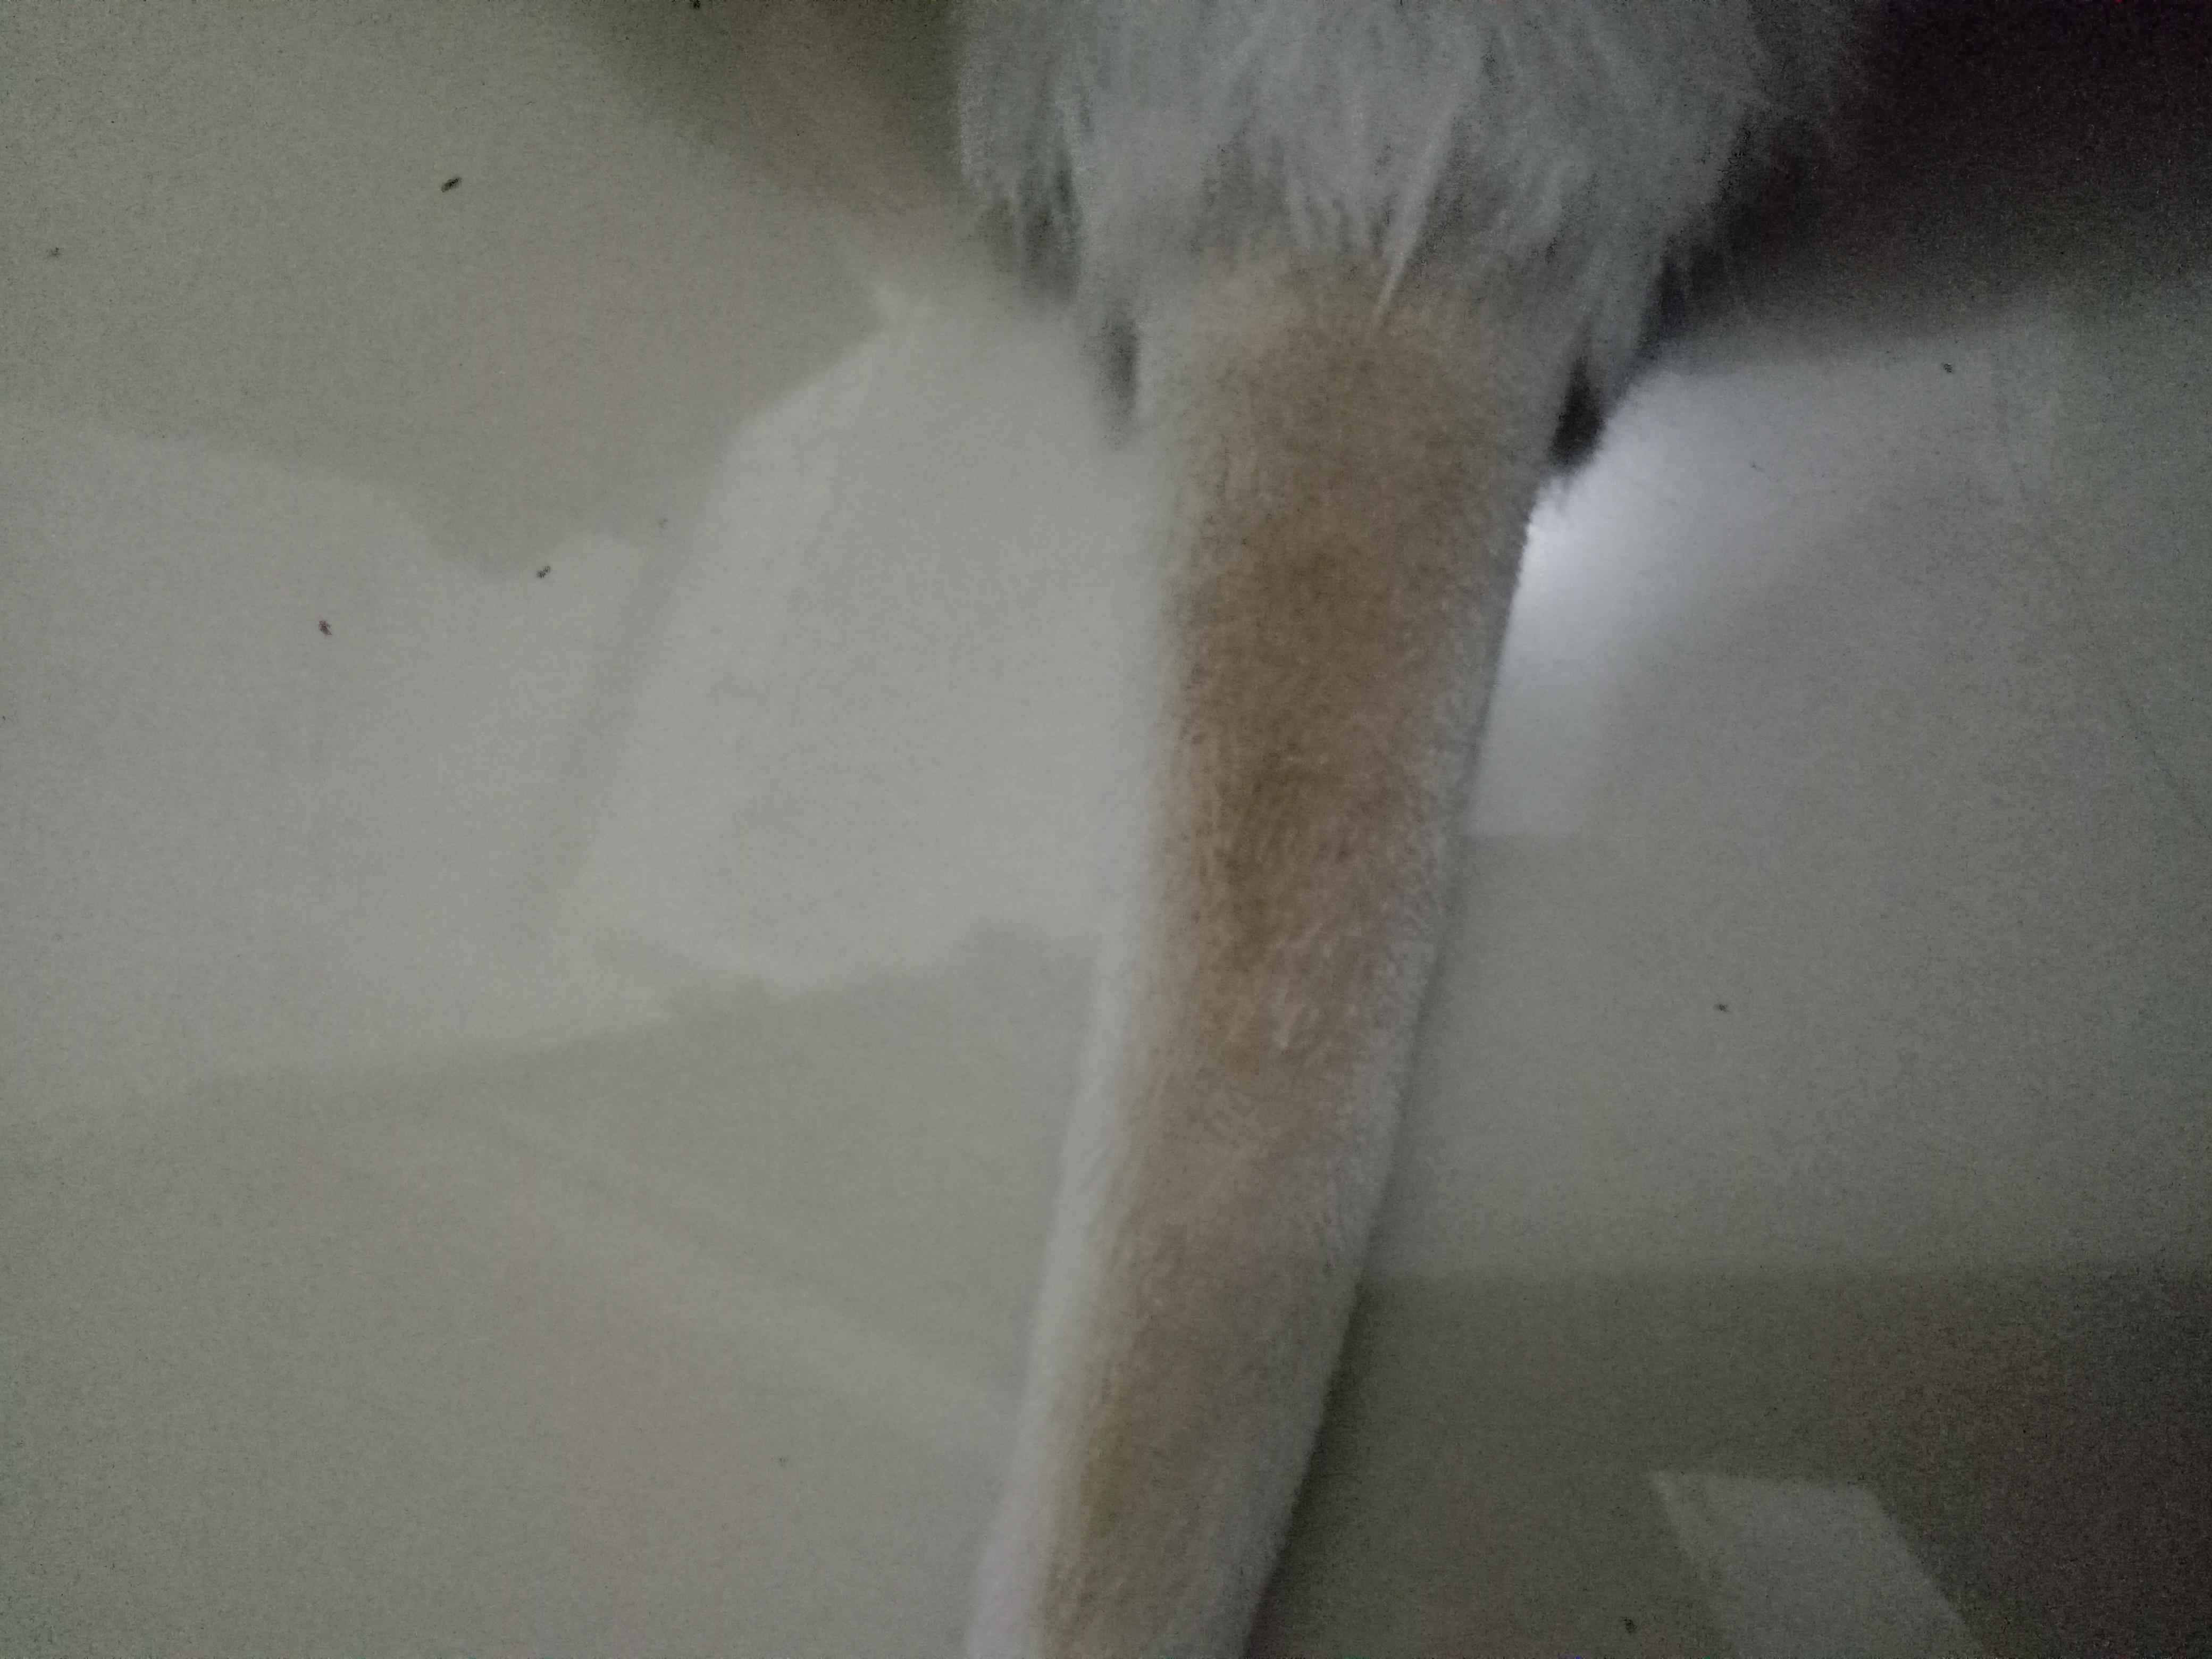 尾巴上有大片黑色颗粒物,洗干净后呈现黄色痕迹